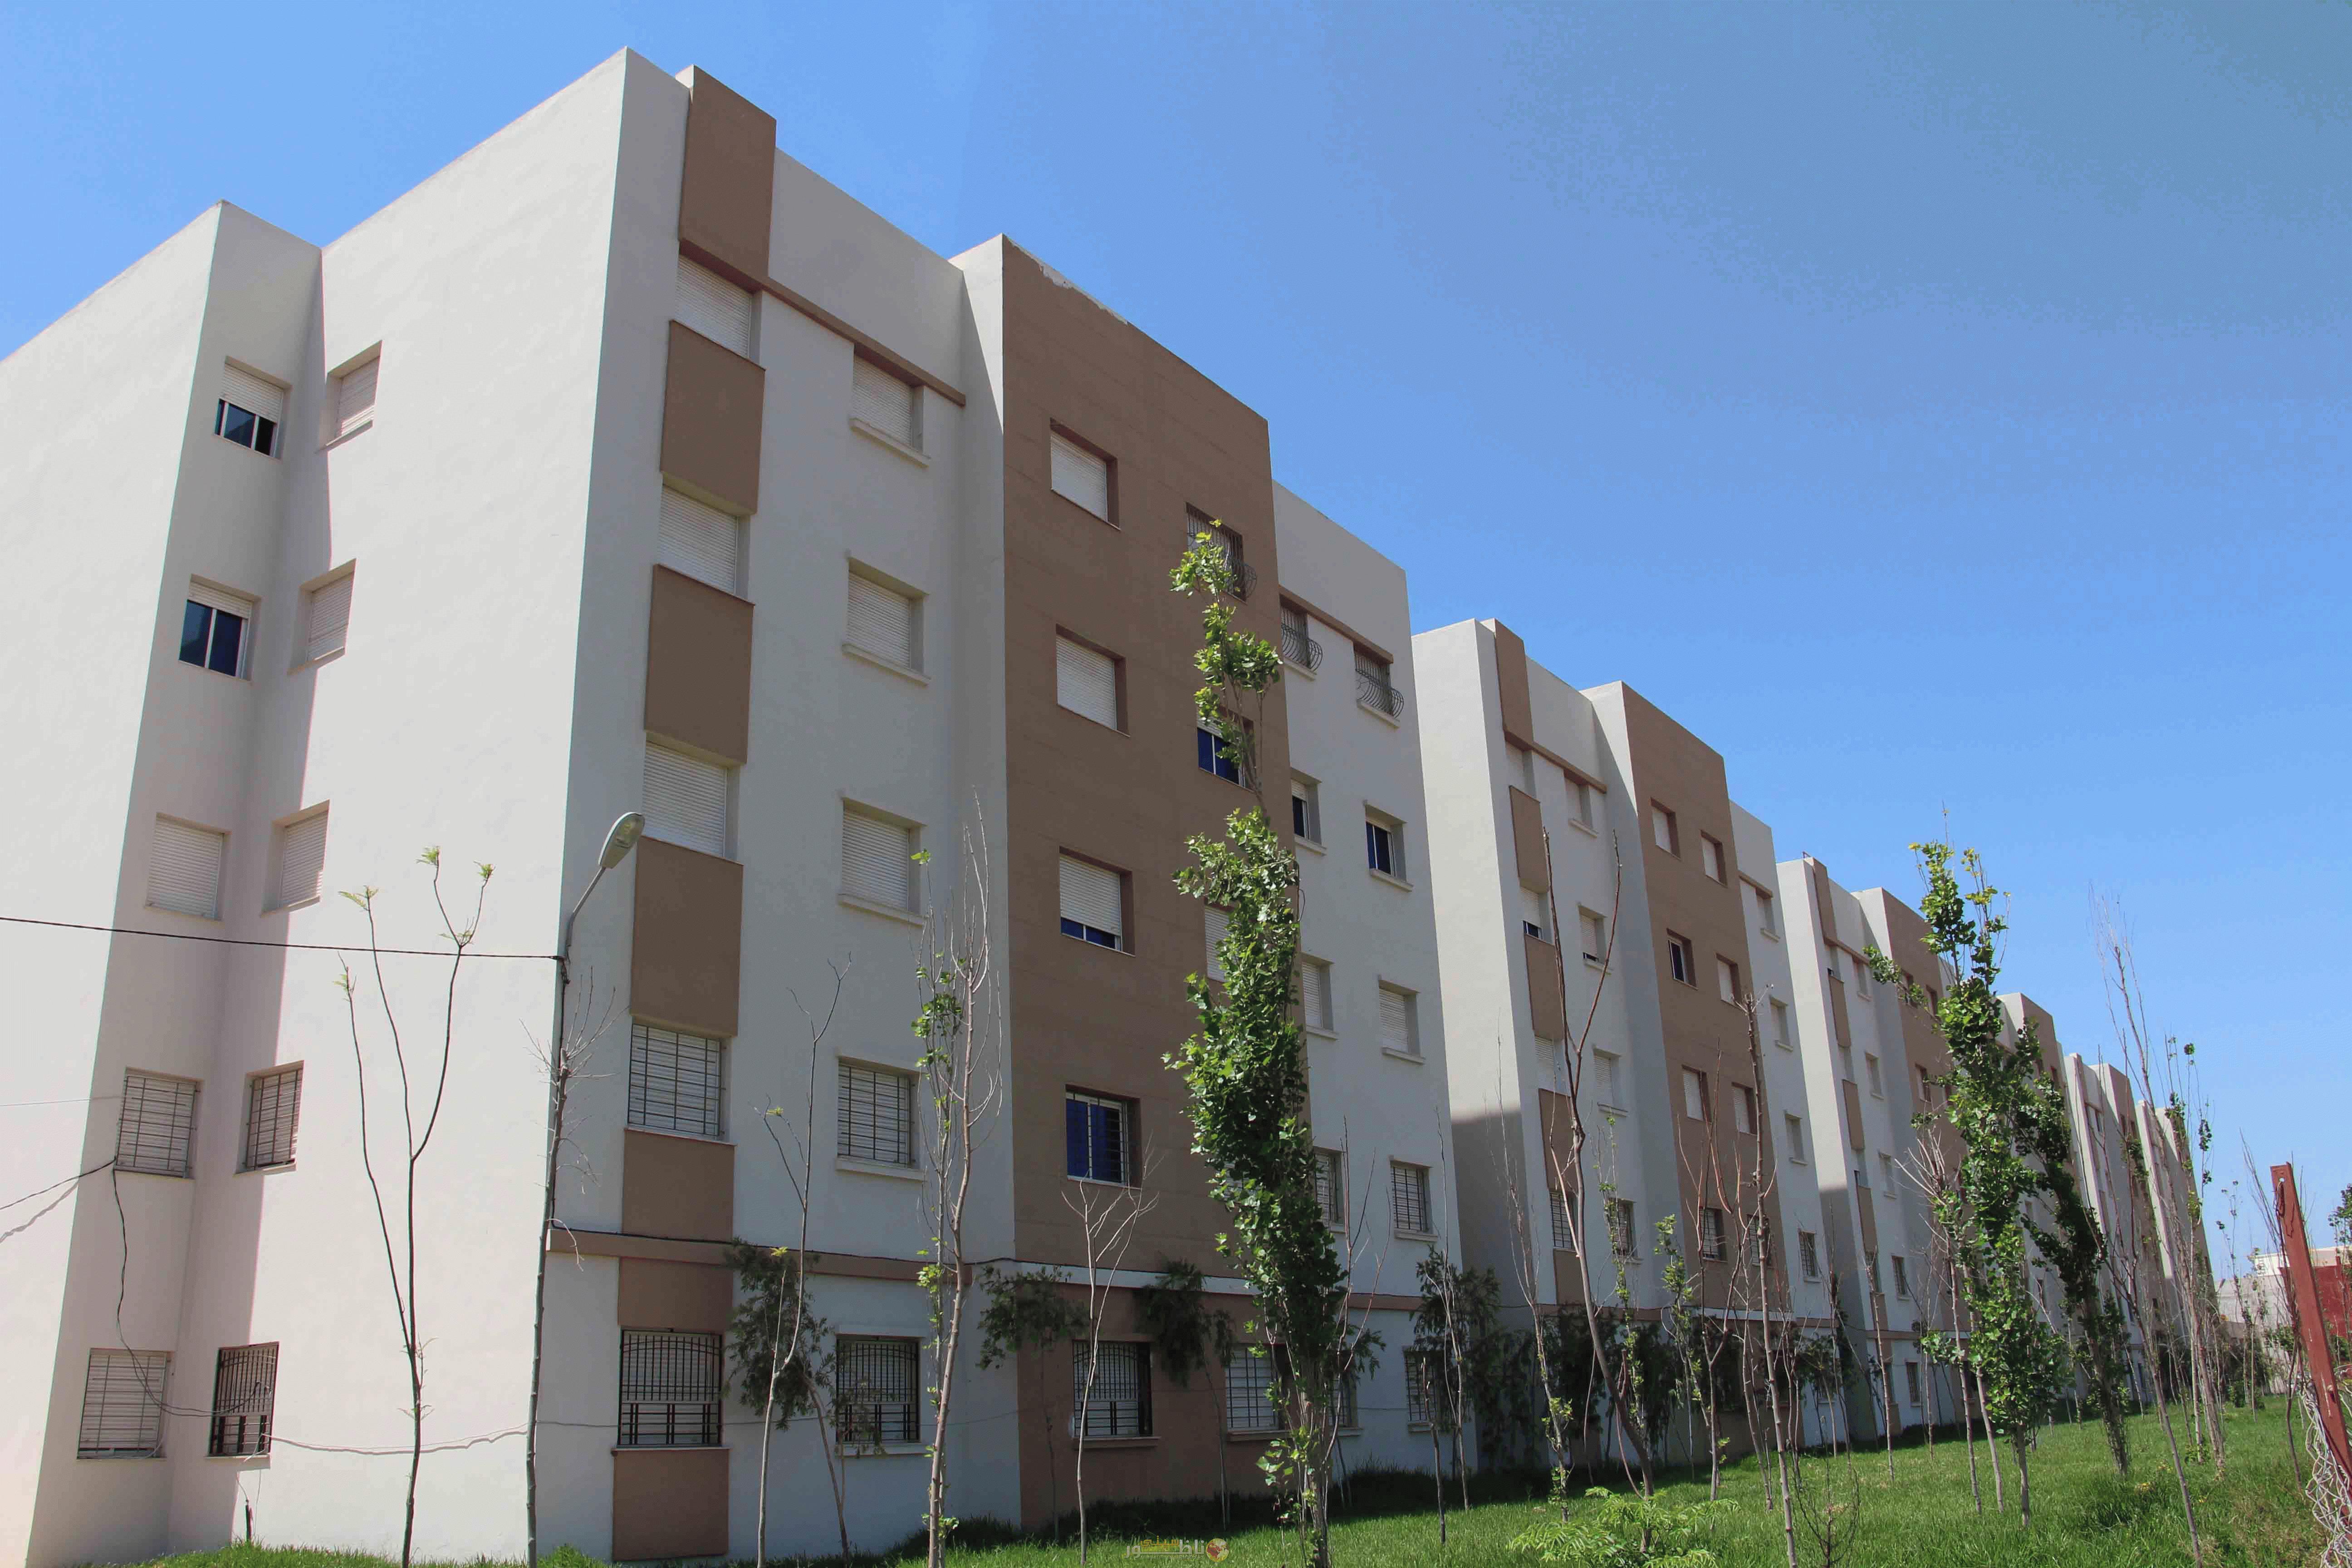 إعلان للمستفيدين من شقق السكن الإقتصادي (الشطر الثالث) لديار عاريض بالناظور